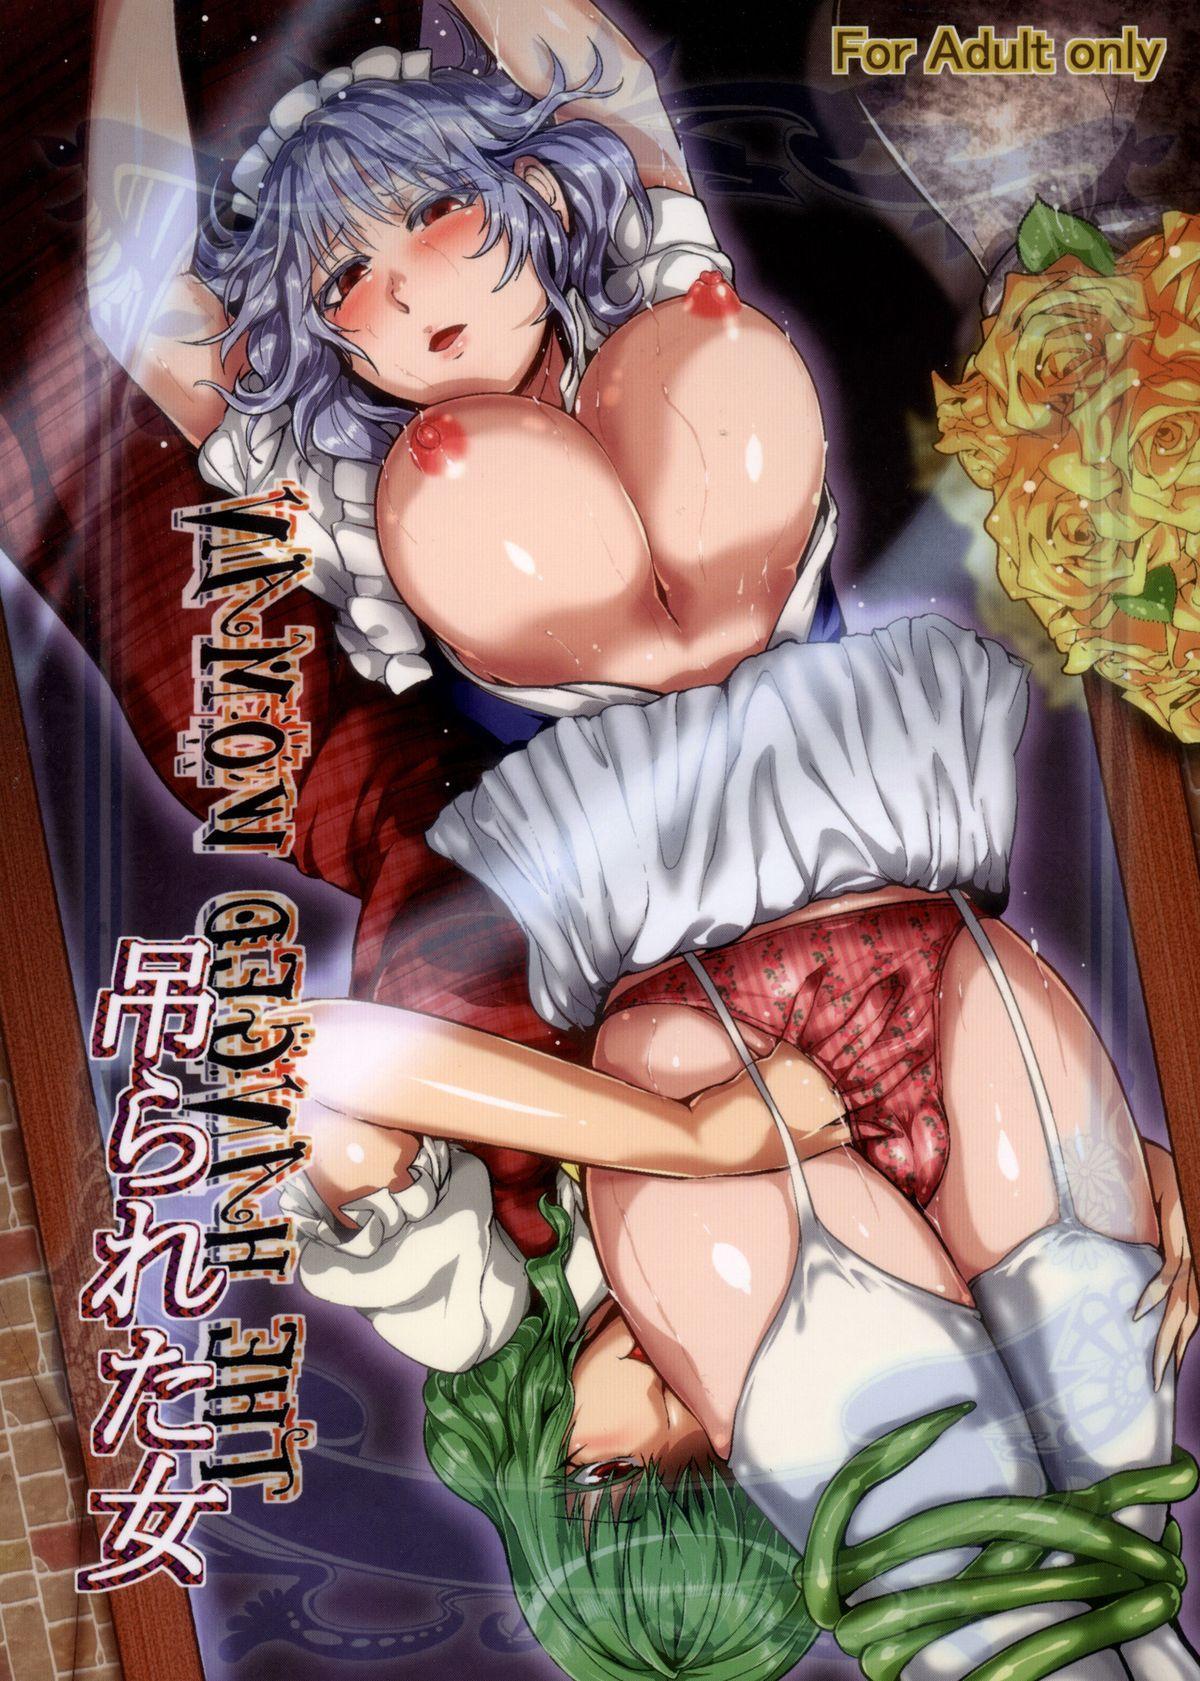 Tsurareta Onna - The Hanged Woman 0